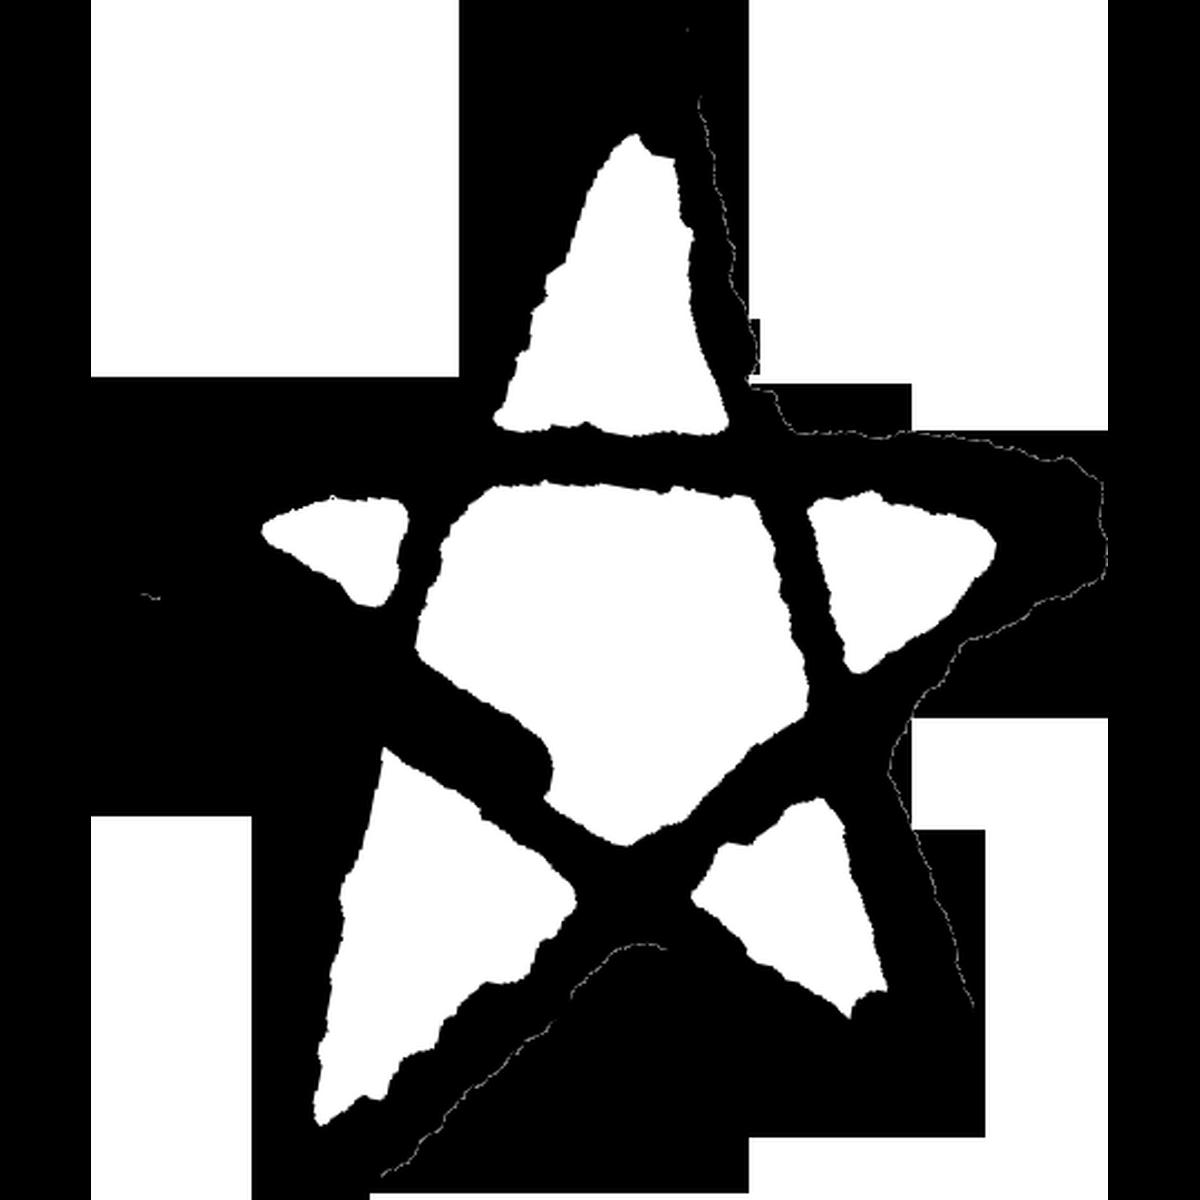 星印(線)1のイラスト Stars mark 1 Illust